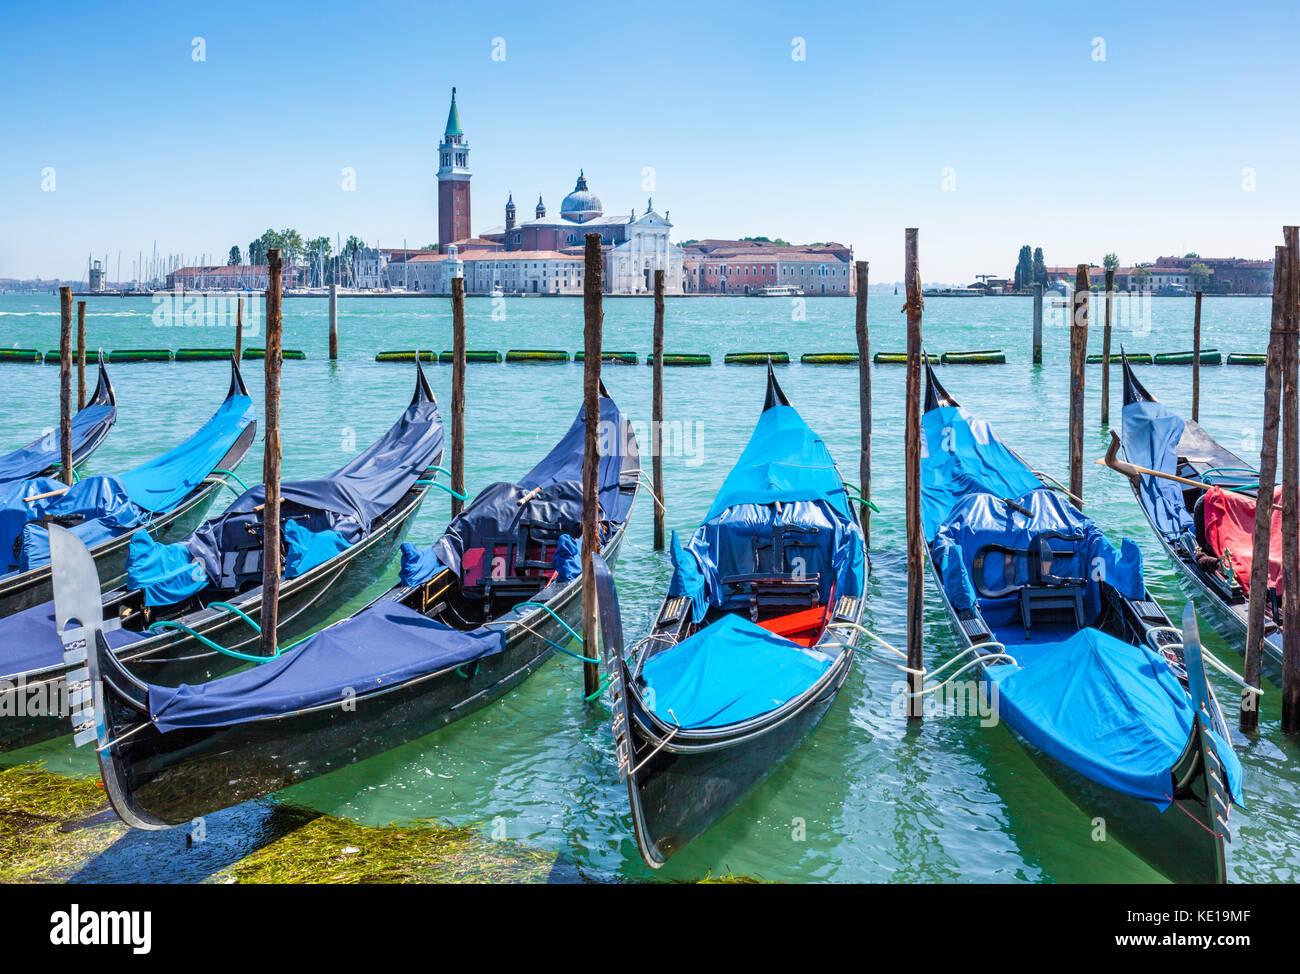 Italia Venezia Italia ormeggiate le gondole del Canal Grande Venezia di fronte all' Isola di San Giorgio Maggiore Immagini Stock